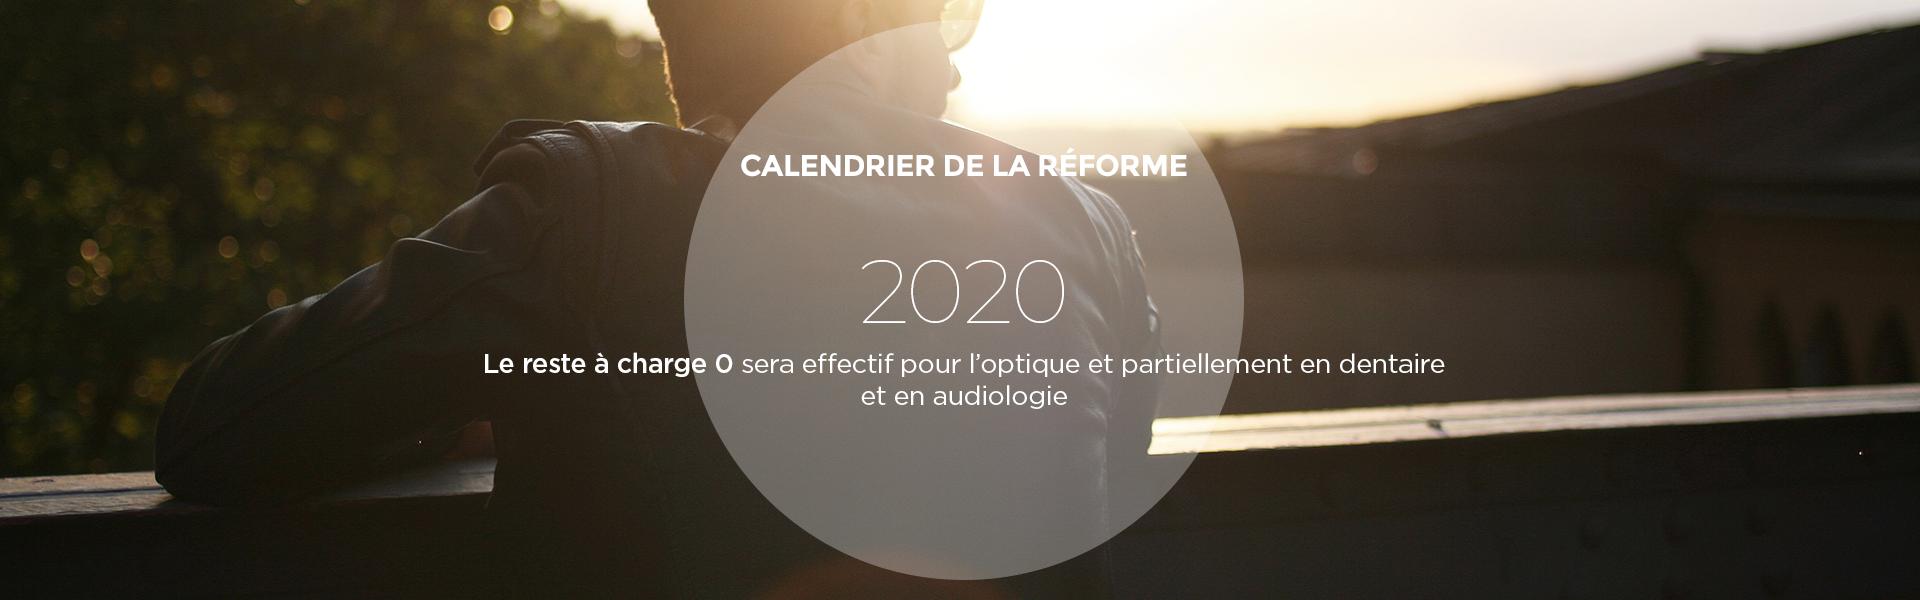 bannière 2020